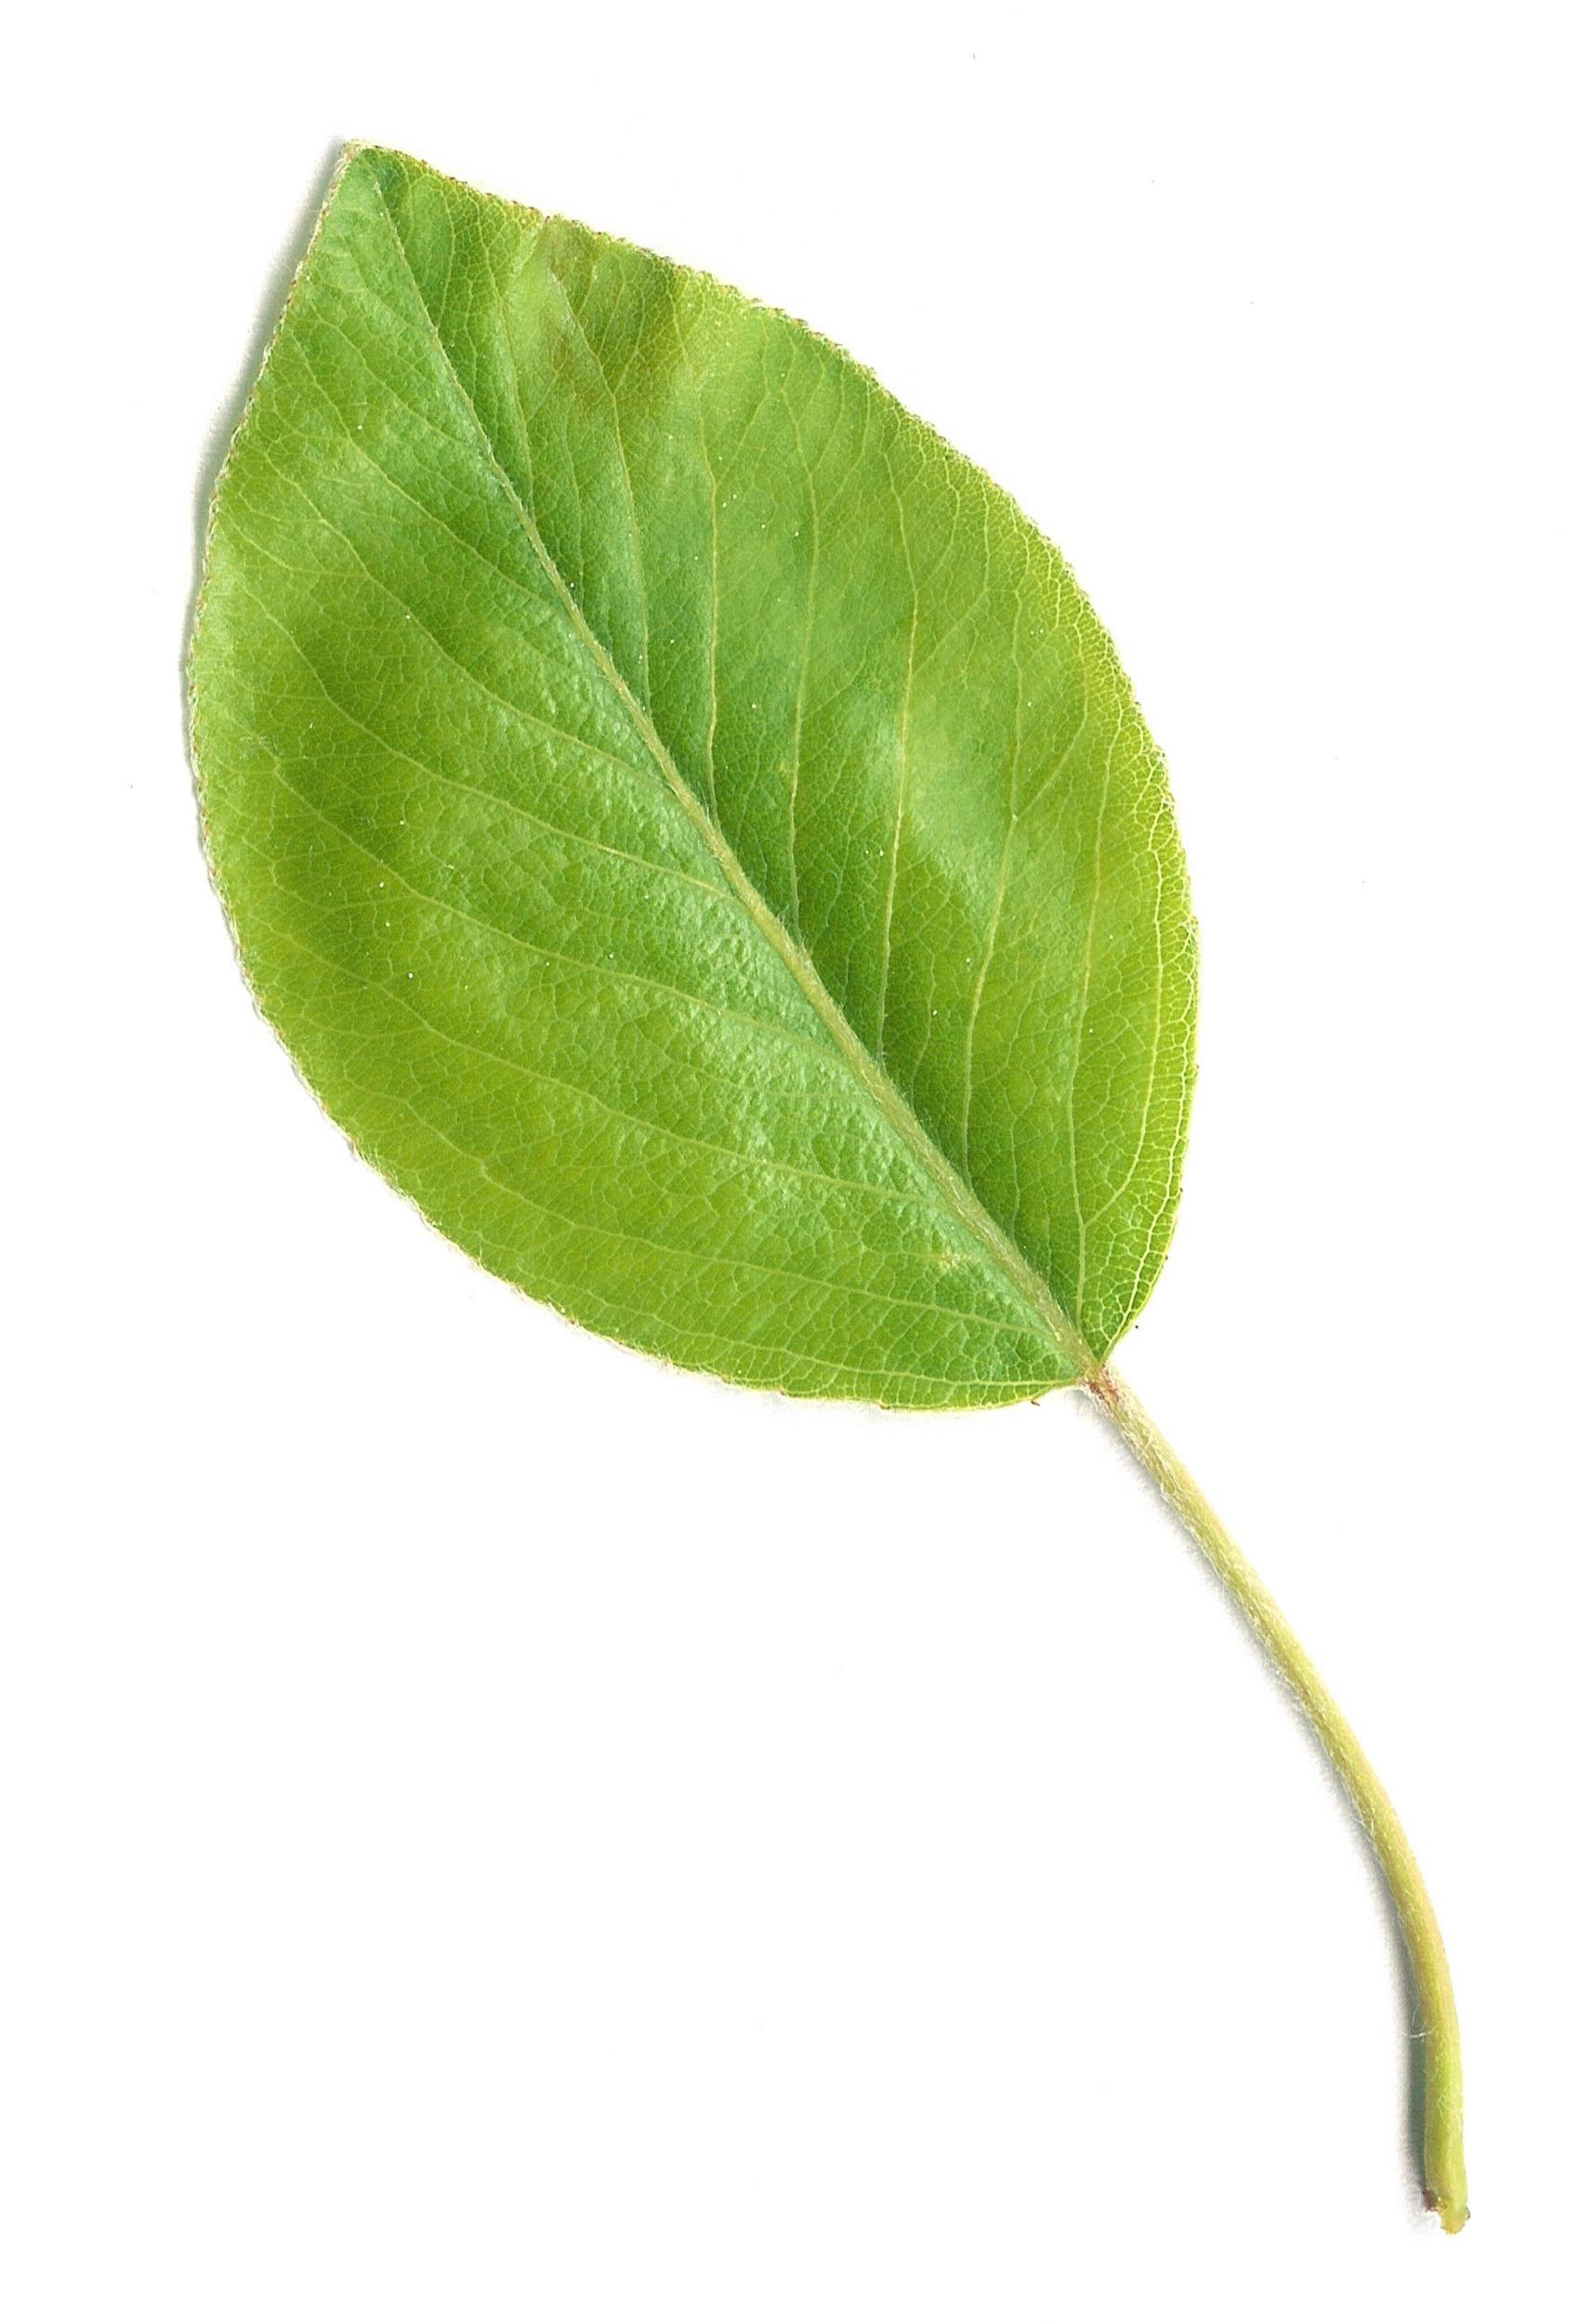 Pear_Leaf.jpg